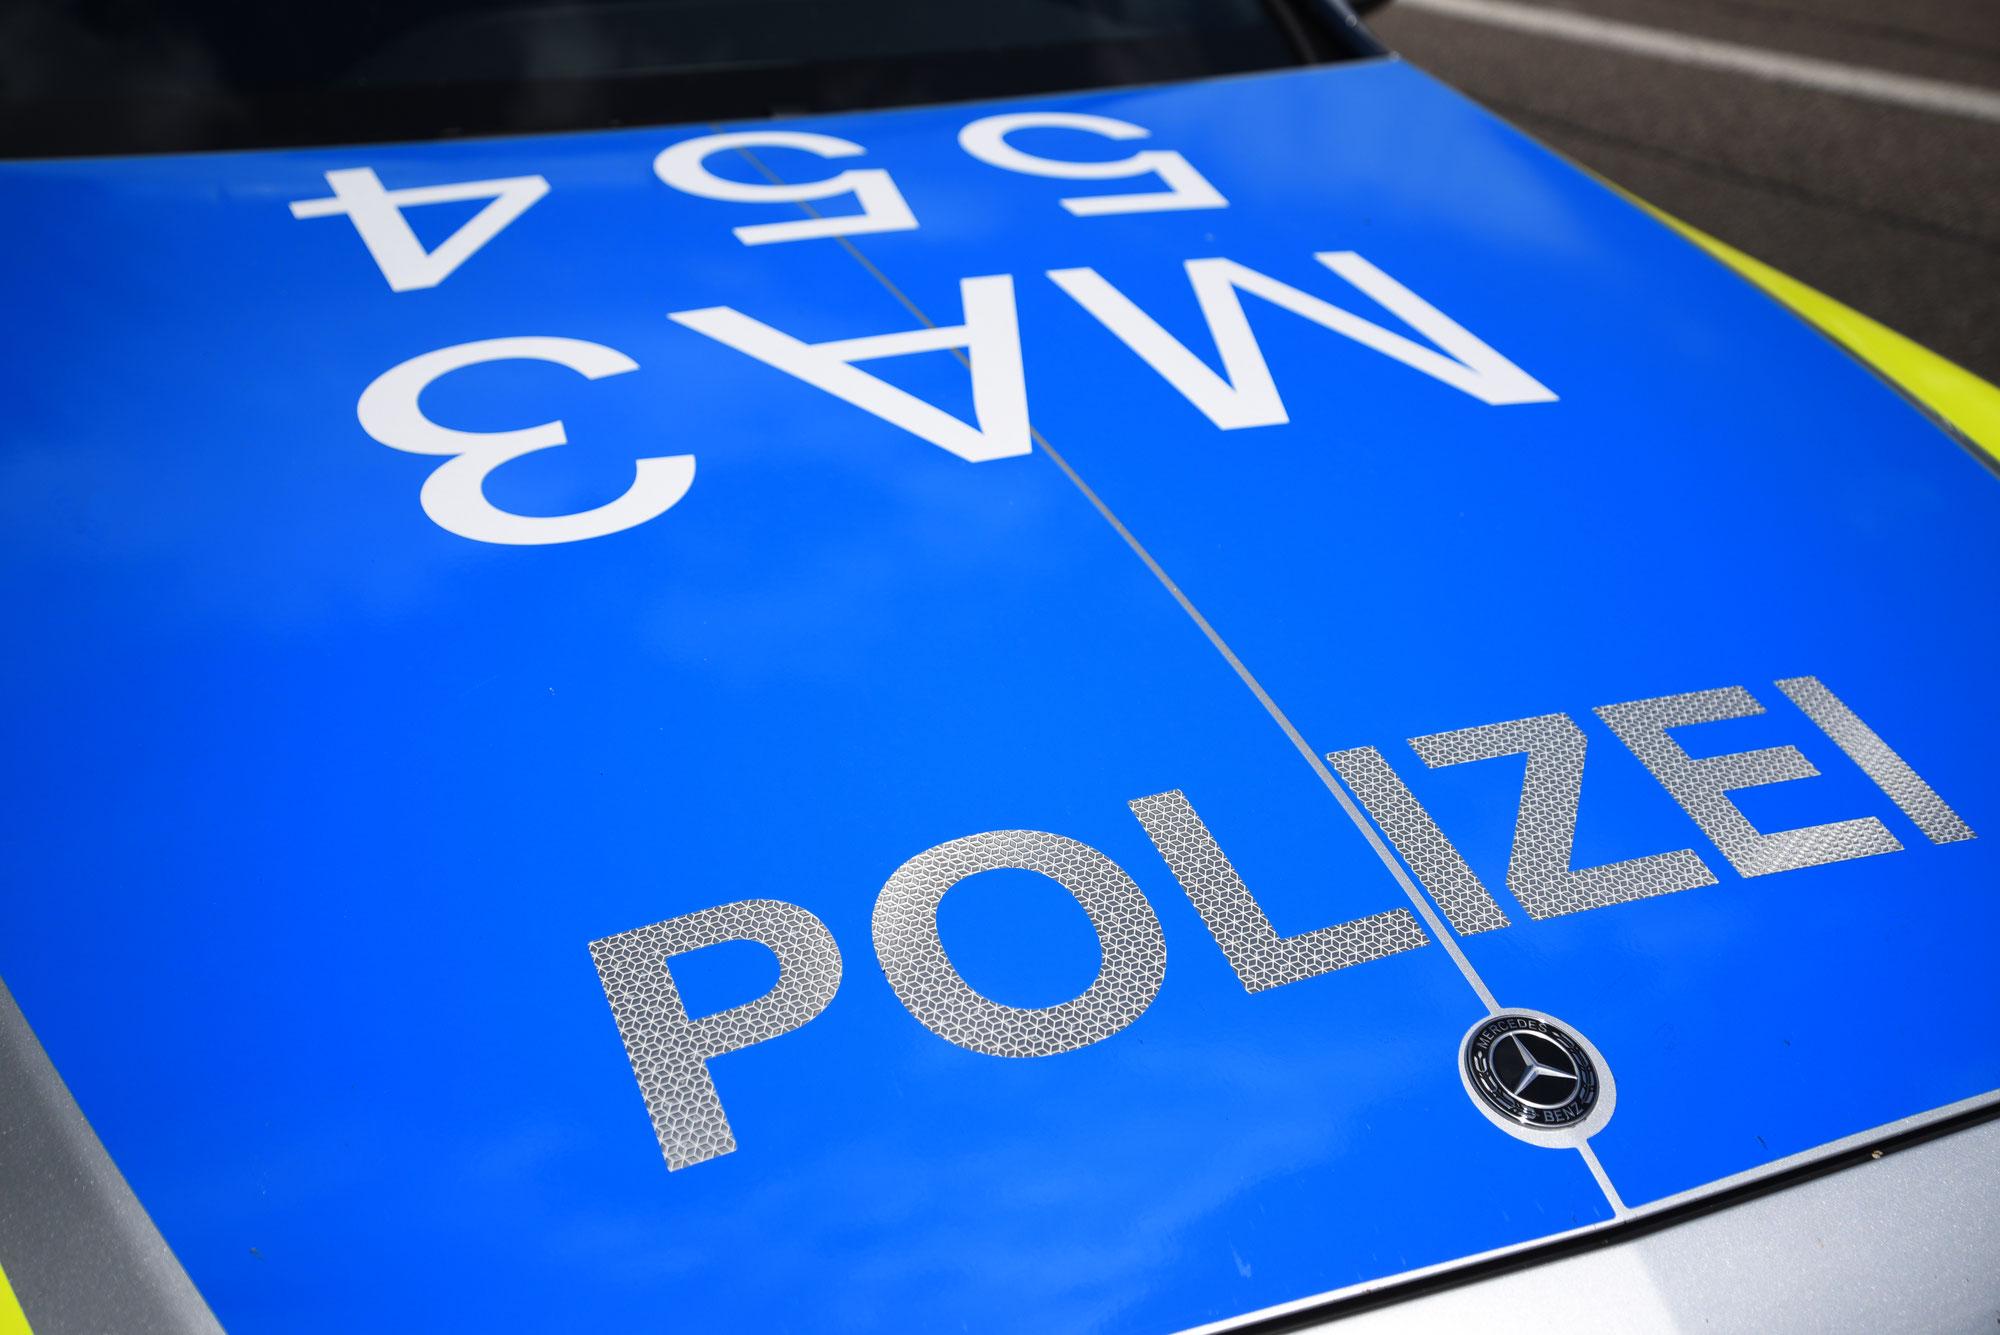 Hemsbach/Laudenbach/Rhein-Neckar-Kreis: Autoaufbrüche - Polizei sucht Zeugen